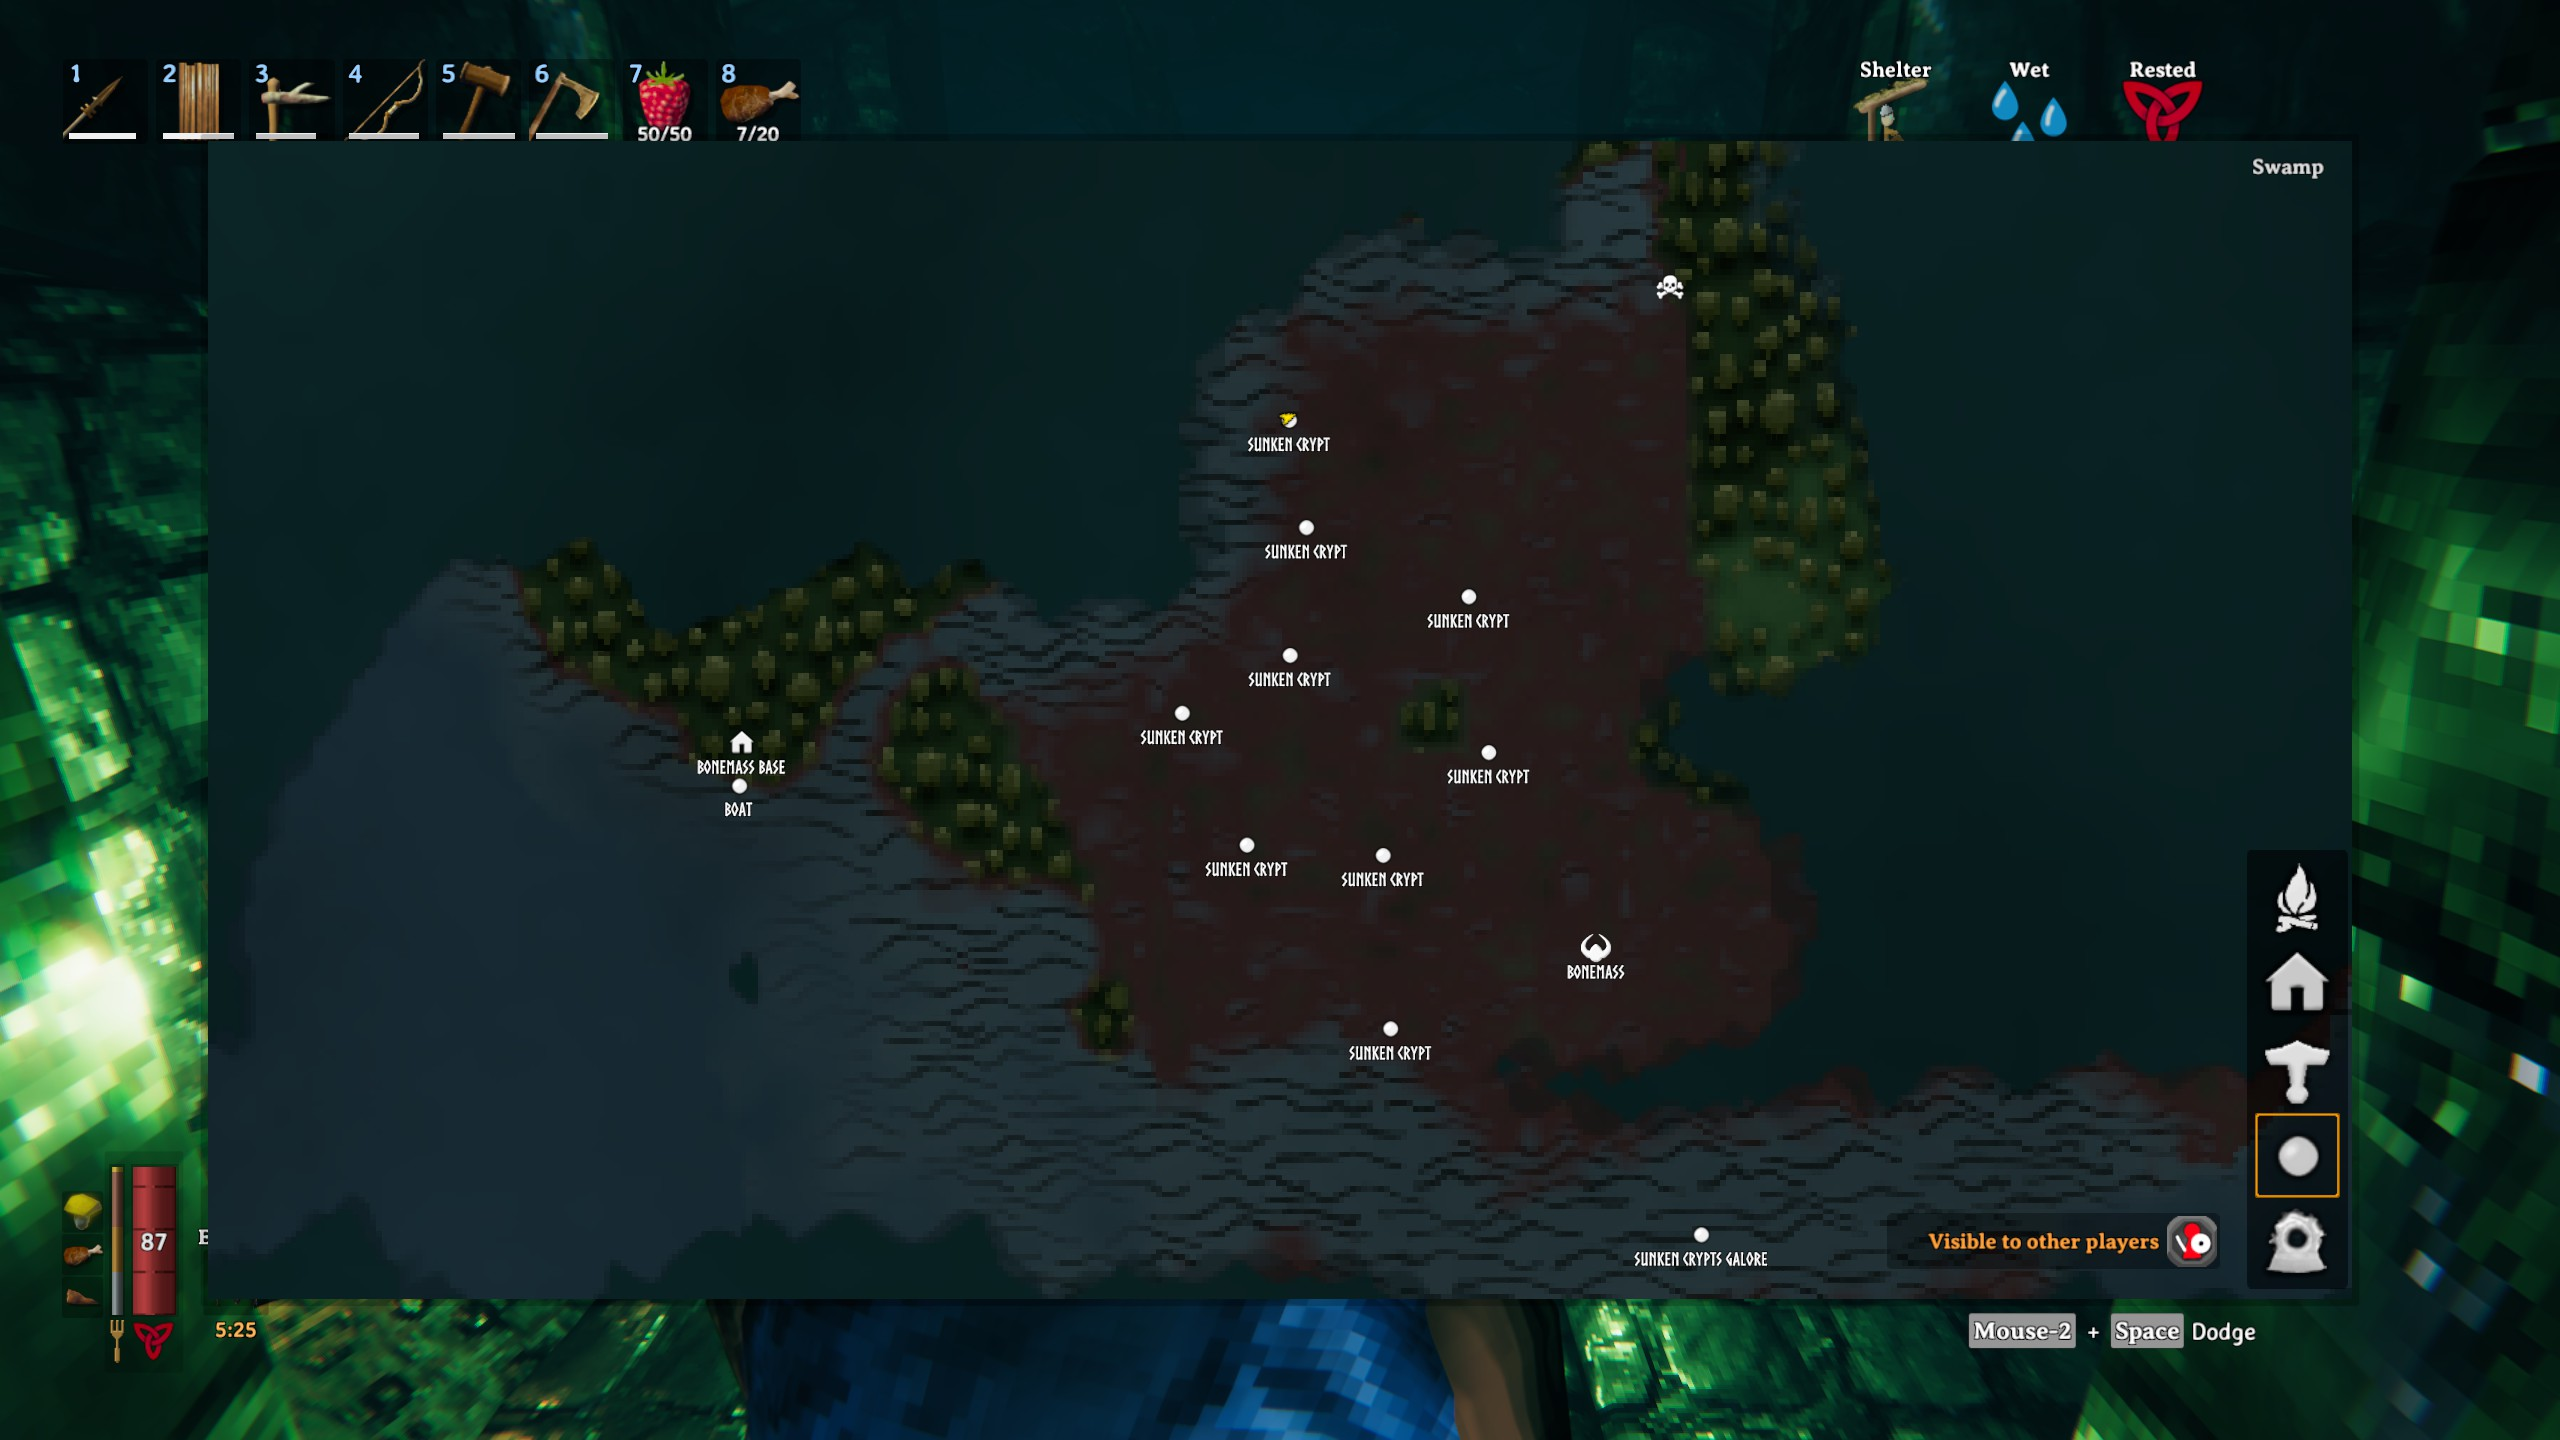 swamp sunken crypts valheim